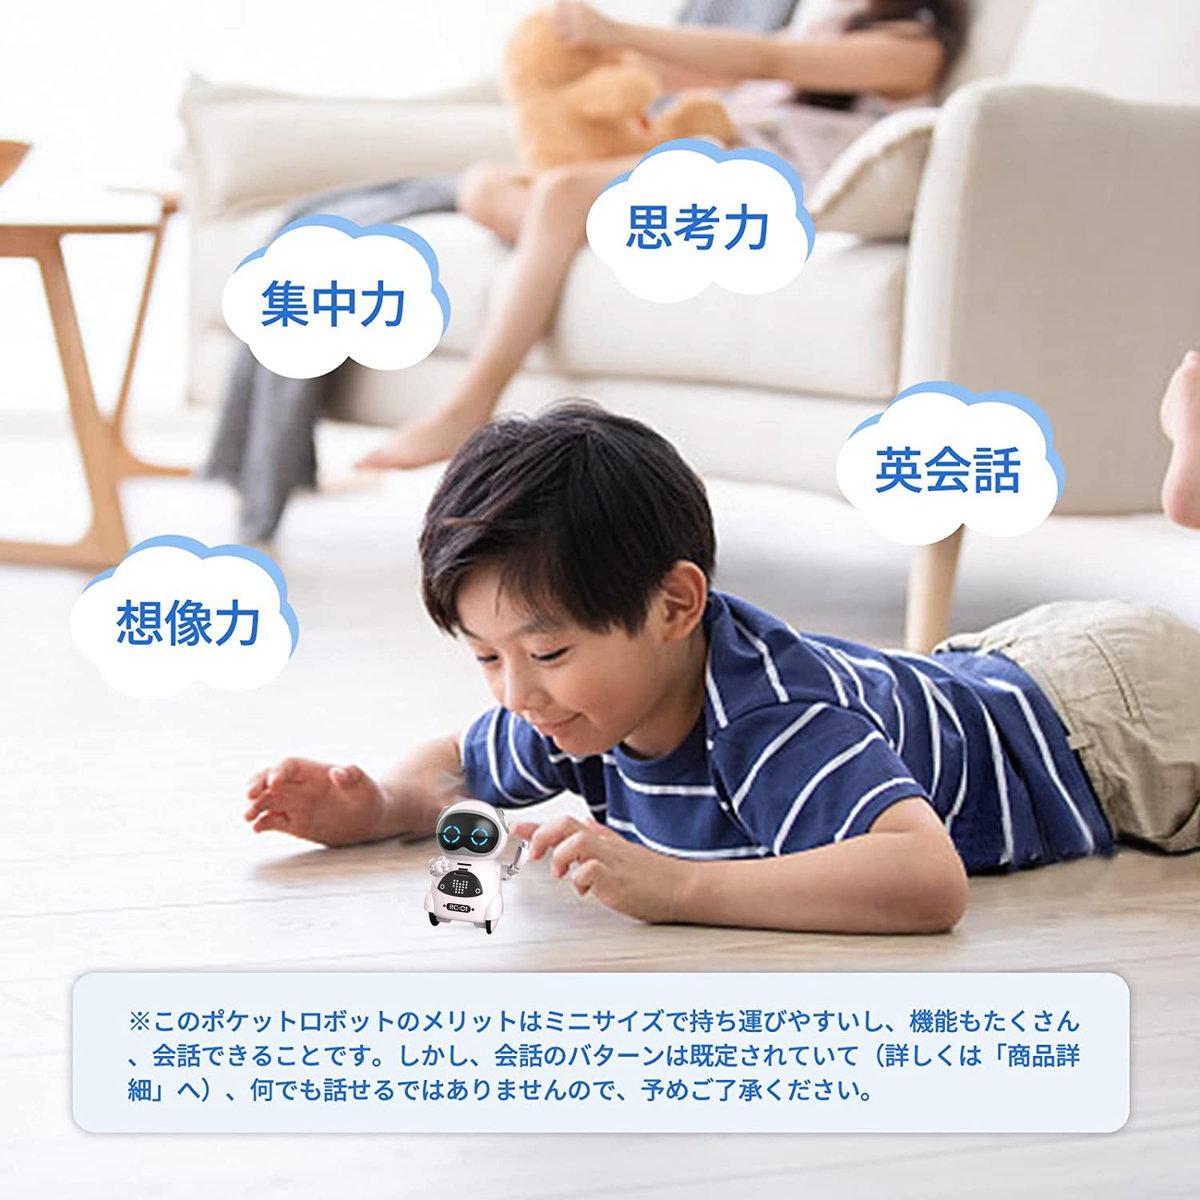 英語 勉強 おもちゃ ストラップ 飾り 対話 知育 教育 英語コミュニケーション